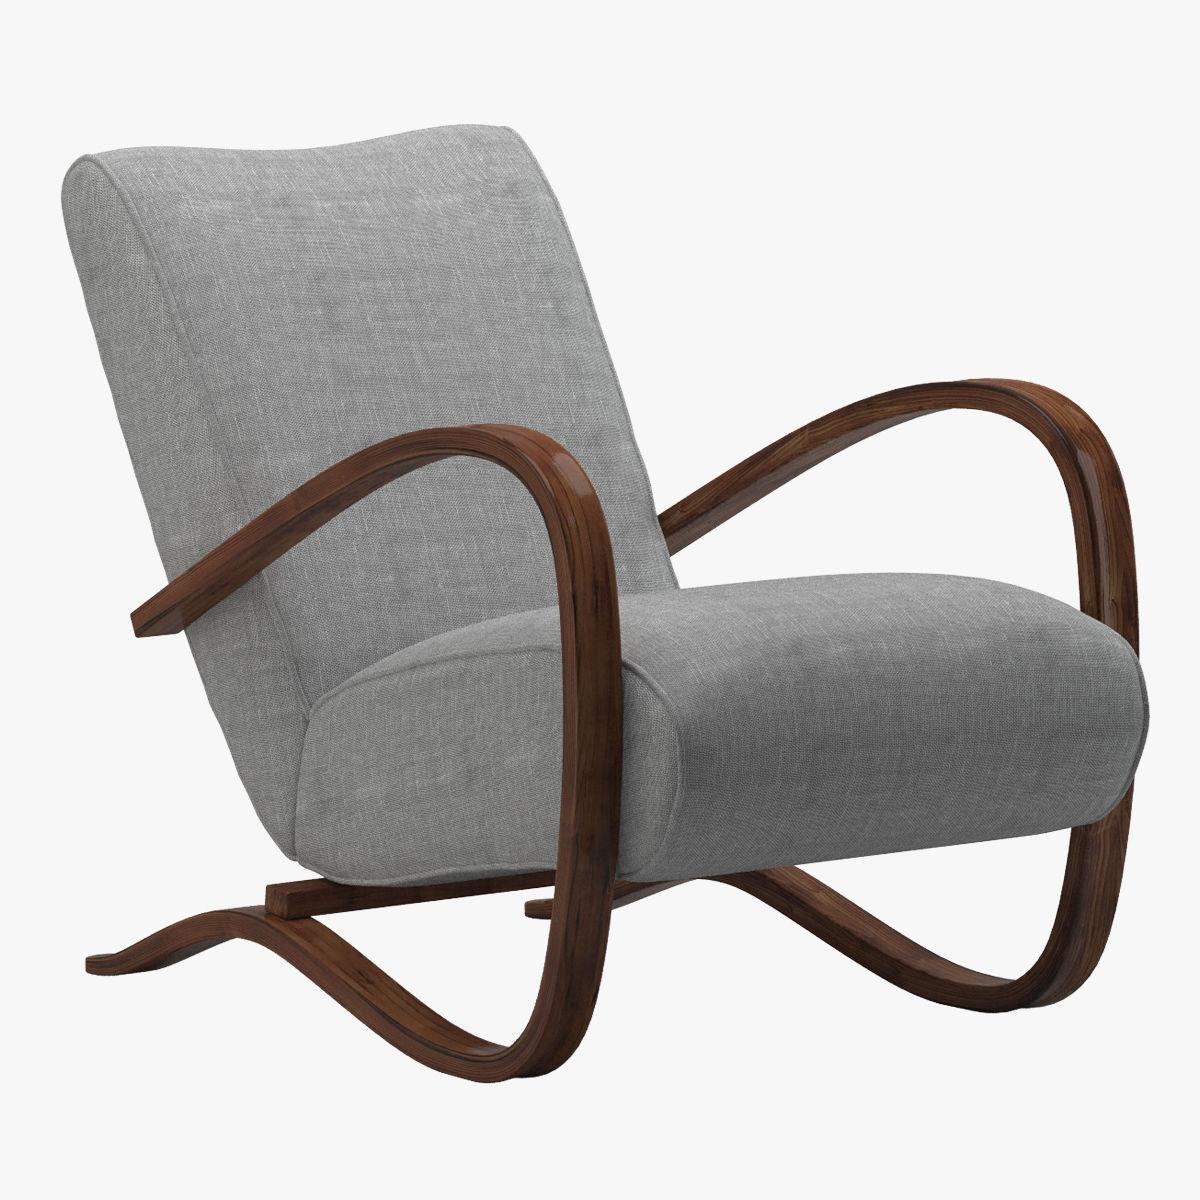 Osi modern H269 chair